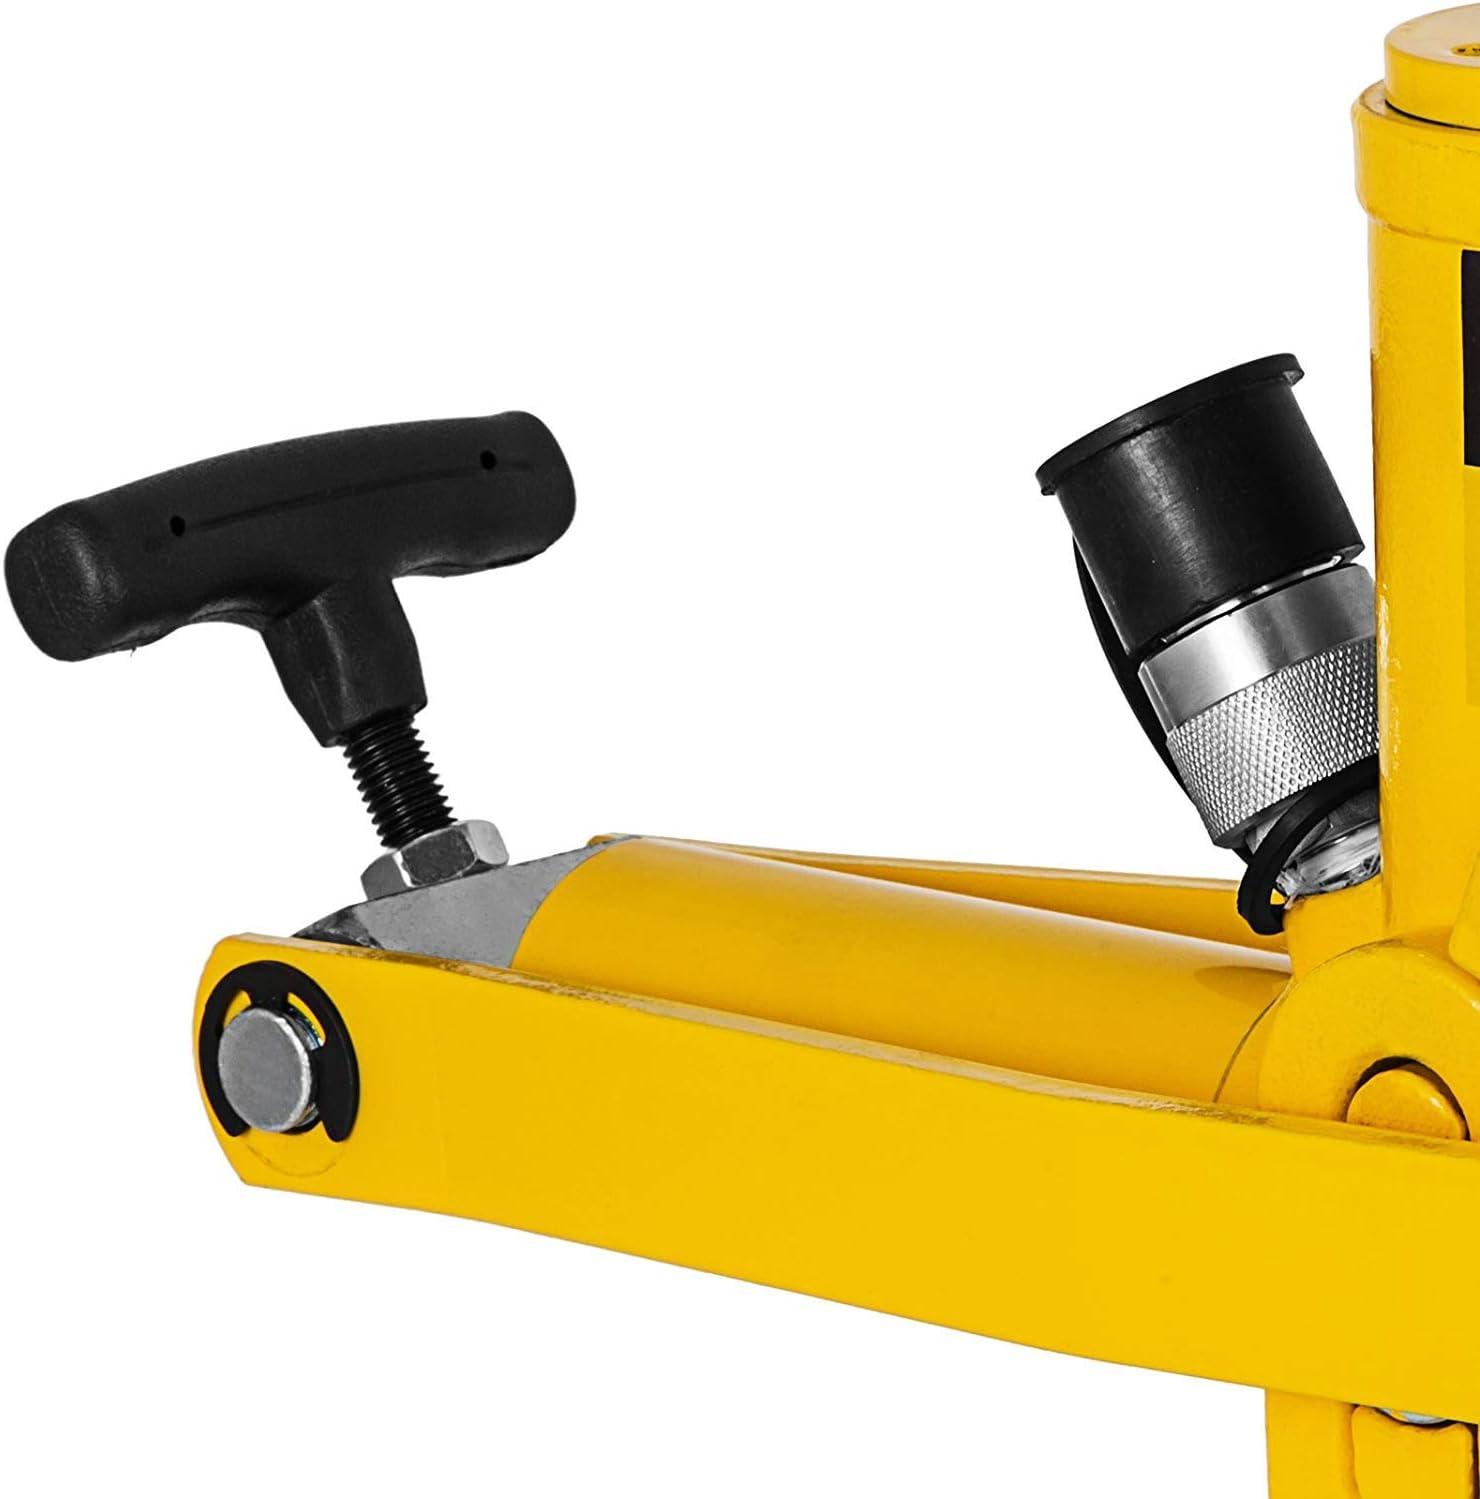 Zgyqgoo Traktor Lkw Reifen Hydraulischer Wulstbrecher 10000psi Air Hydraulic Bead Breaker Tragbarer Reifen Werkzeug Wulstbrechkraft Für Auto Lkw Anhänger Hydraulischer Wulstbrecher Küche Haushalt